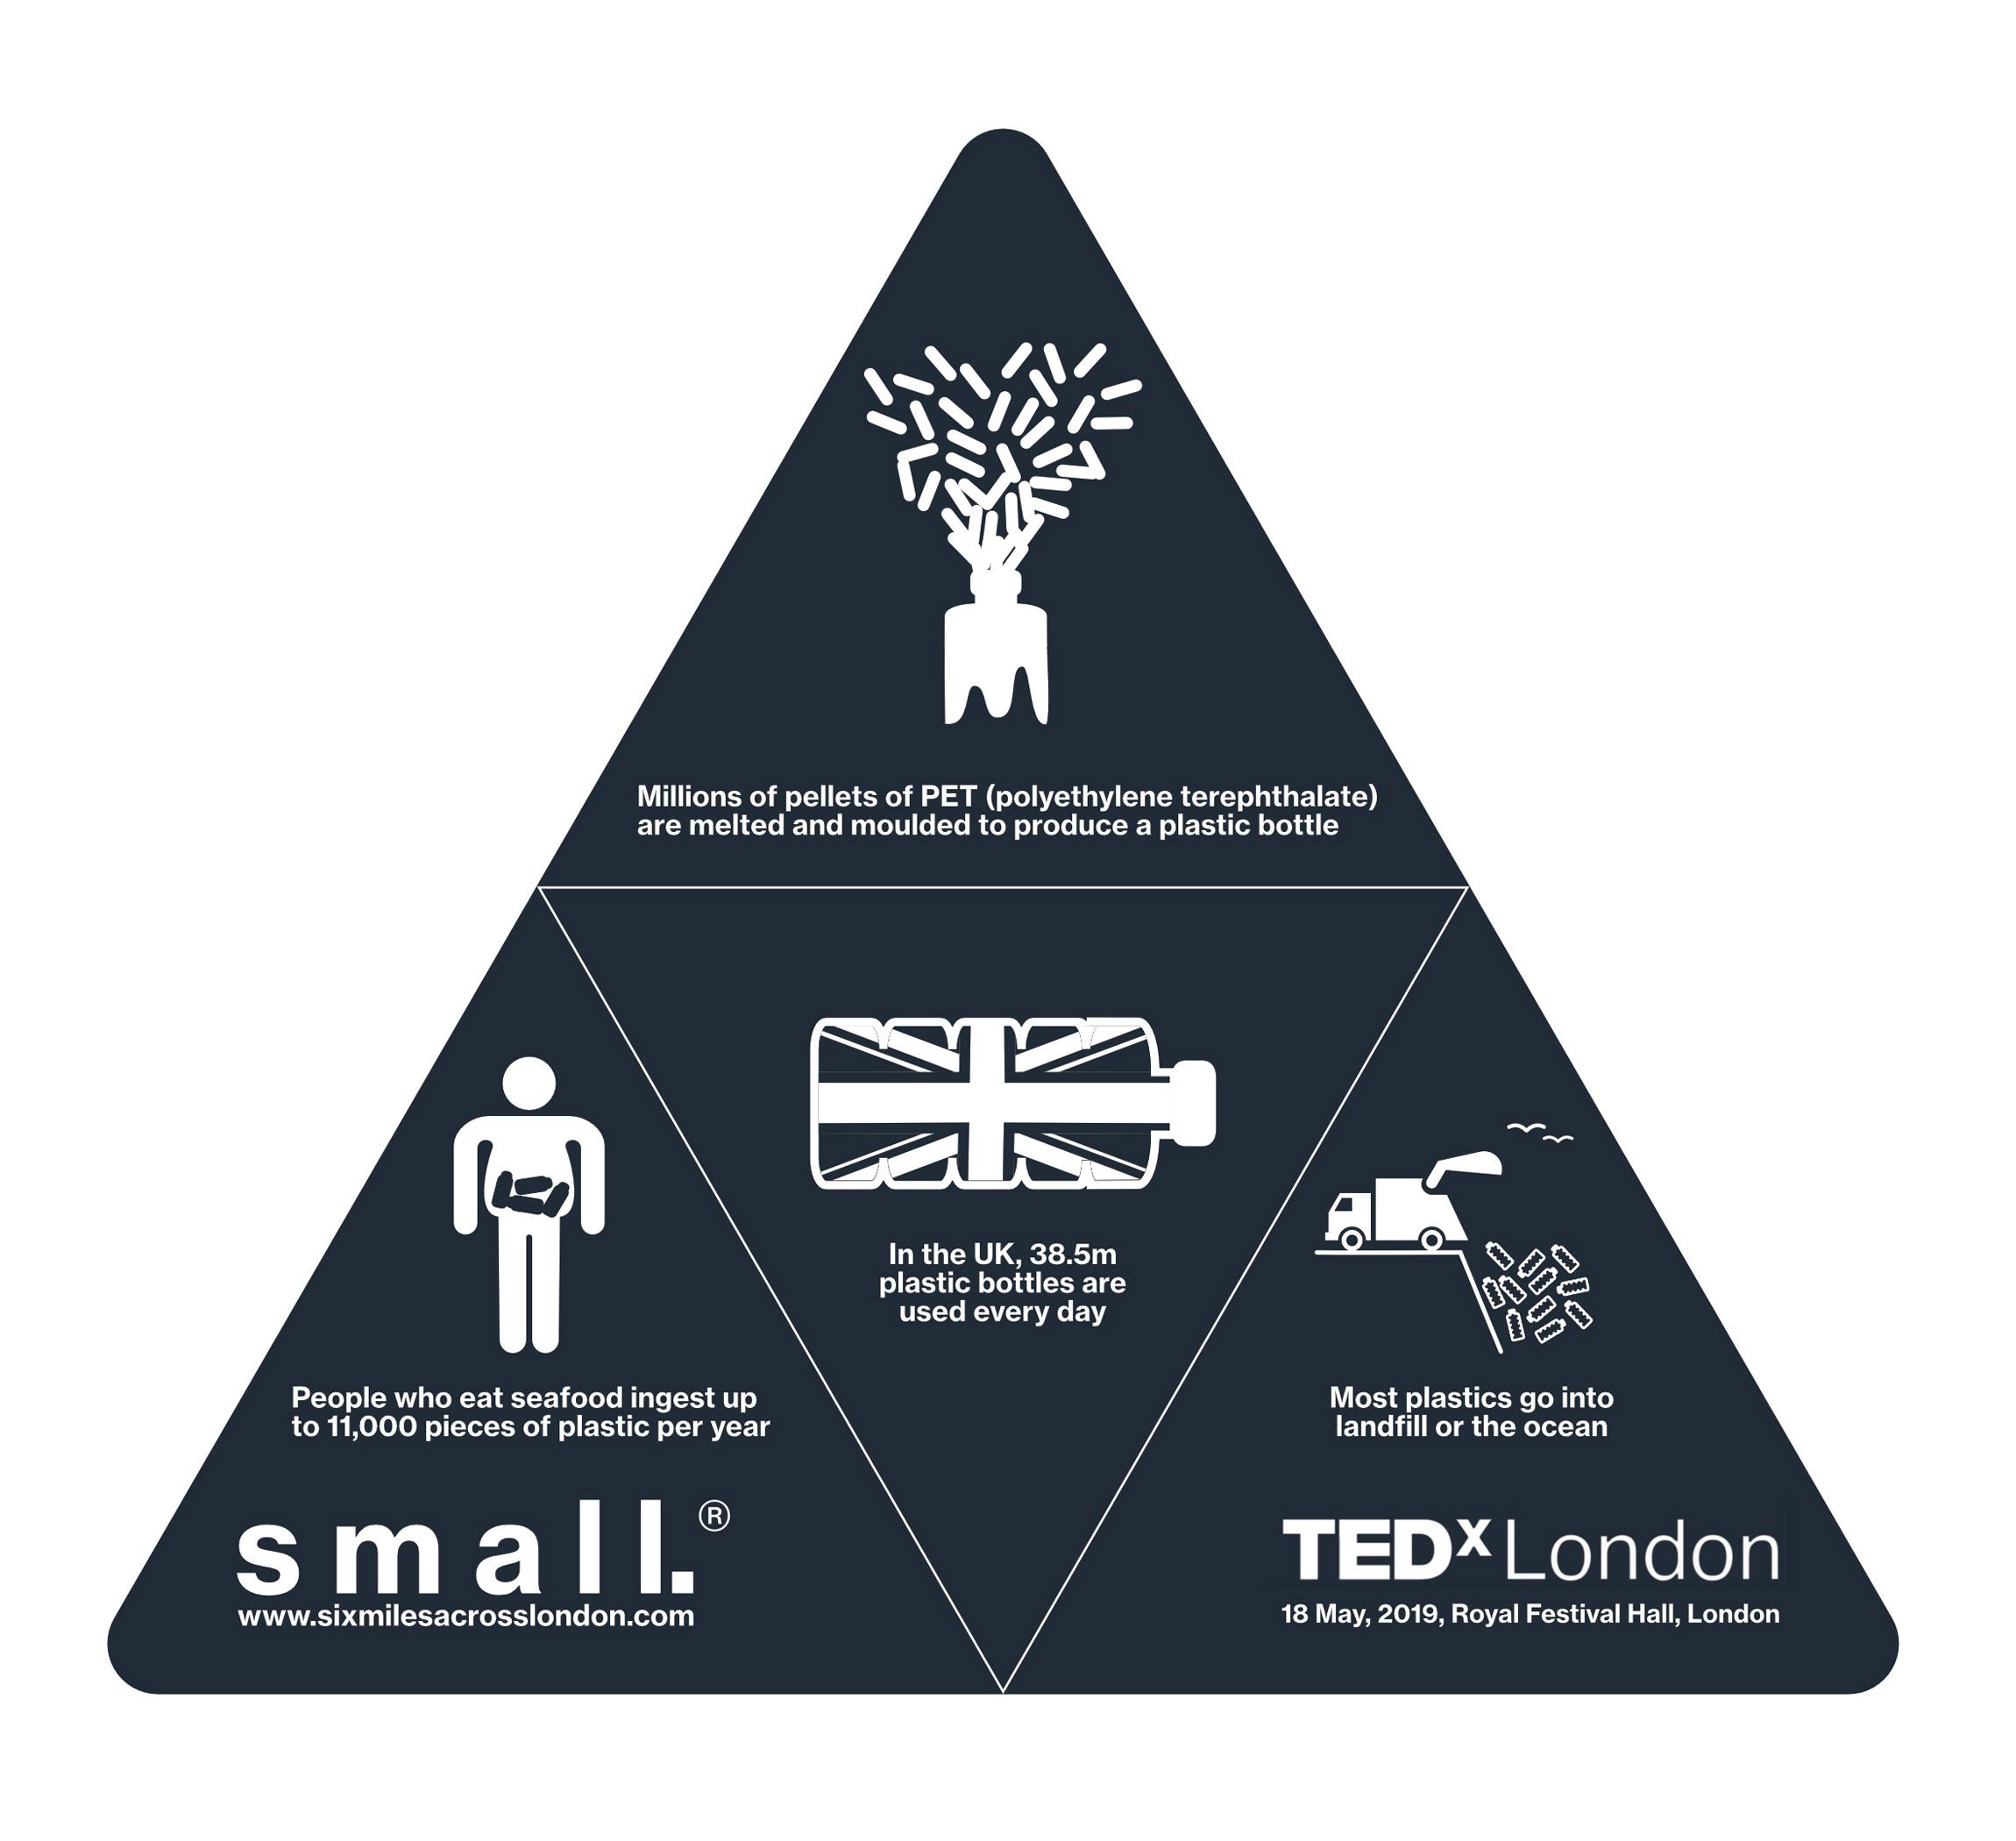 Beer_mats_09_TEDx.jpg